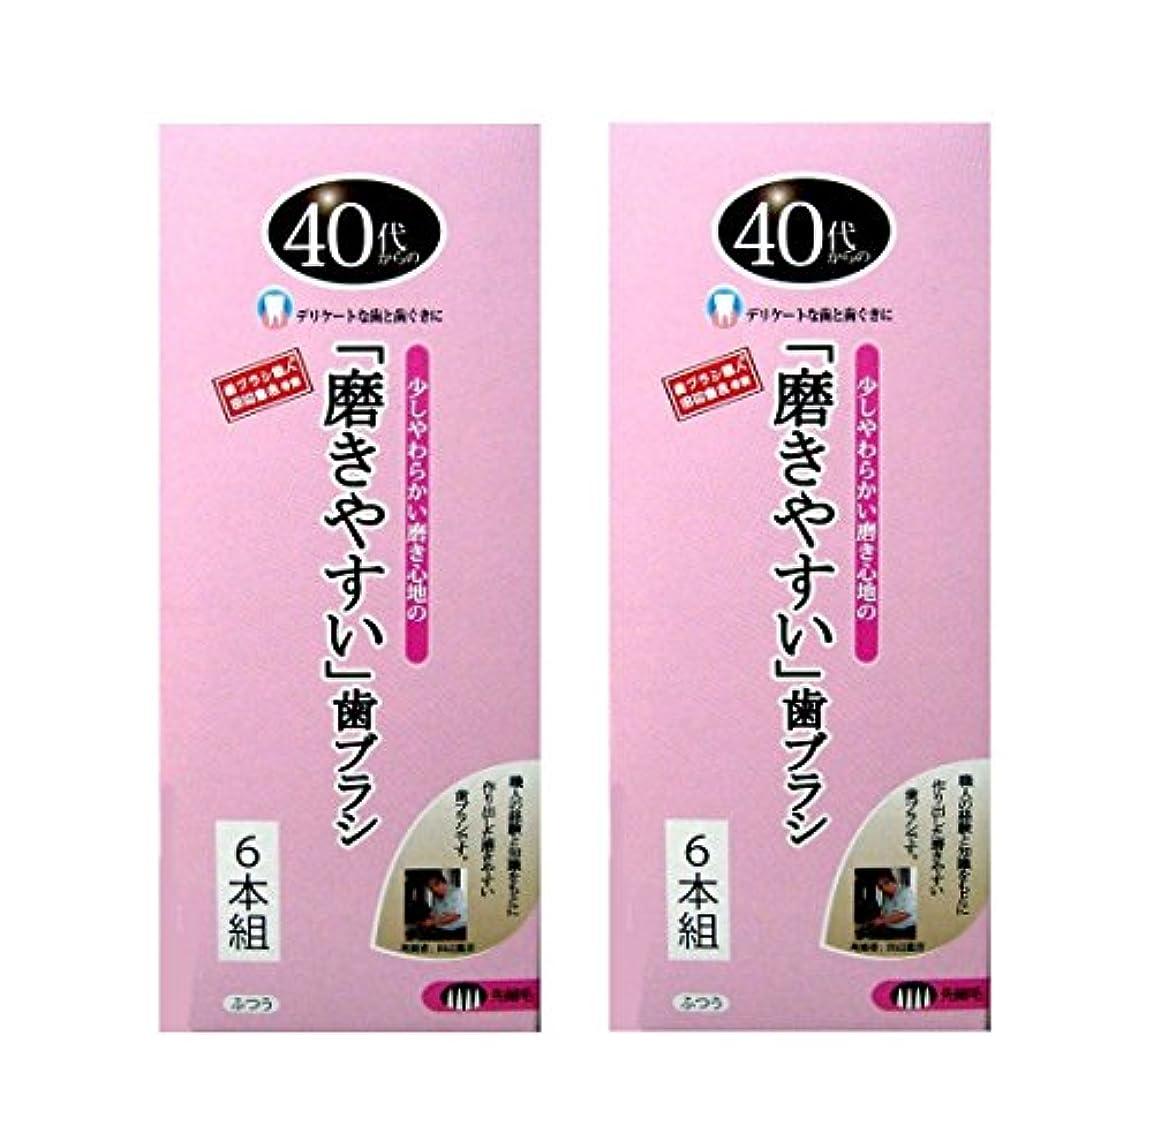 時白雪姫上に歯ブラシ職人 田辺重吉考案 40代からの磨きやすい歯ブラシ 先細 6本組×2個セット